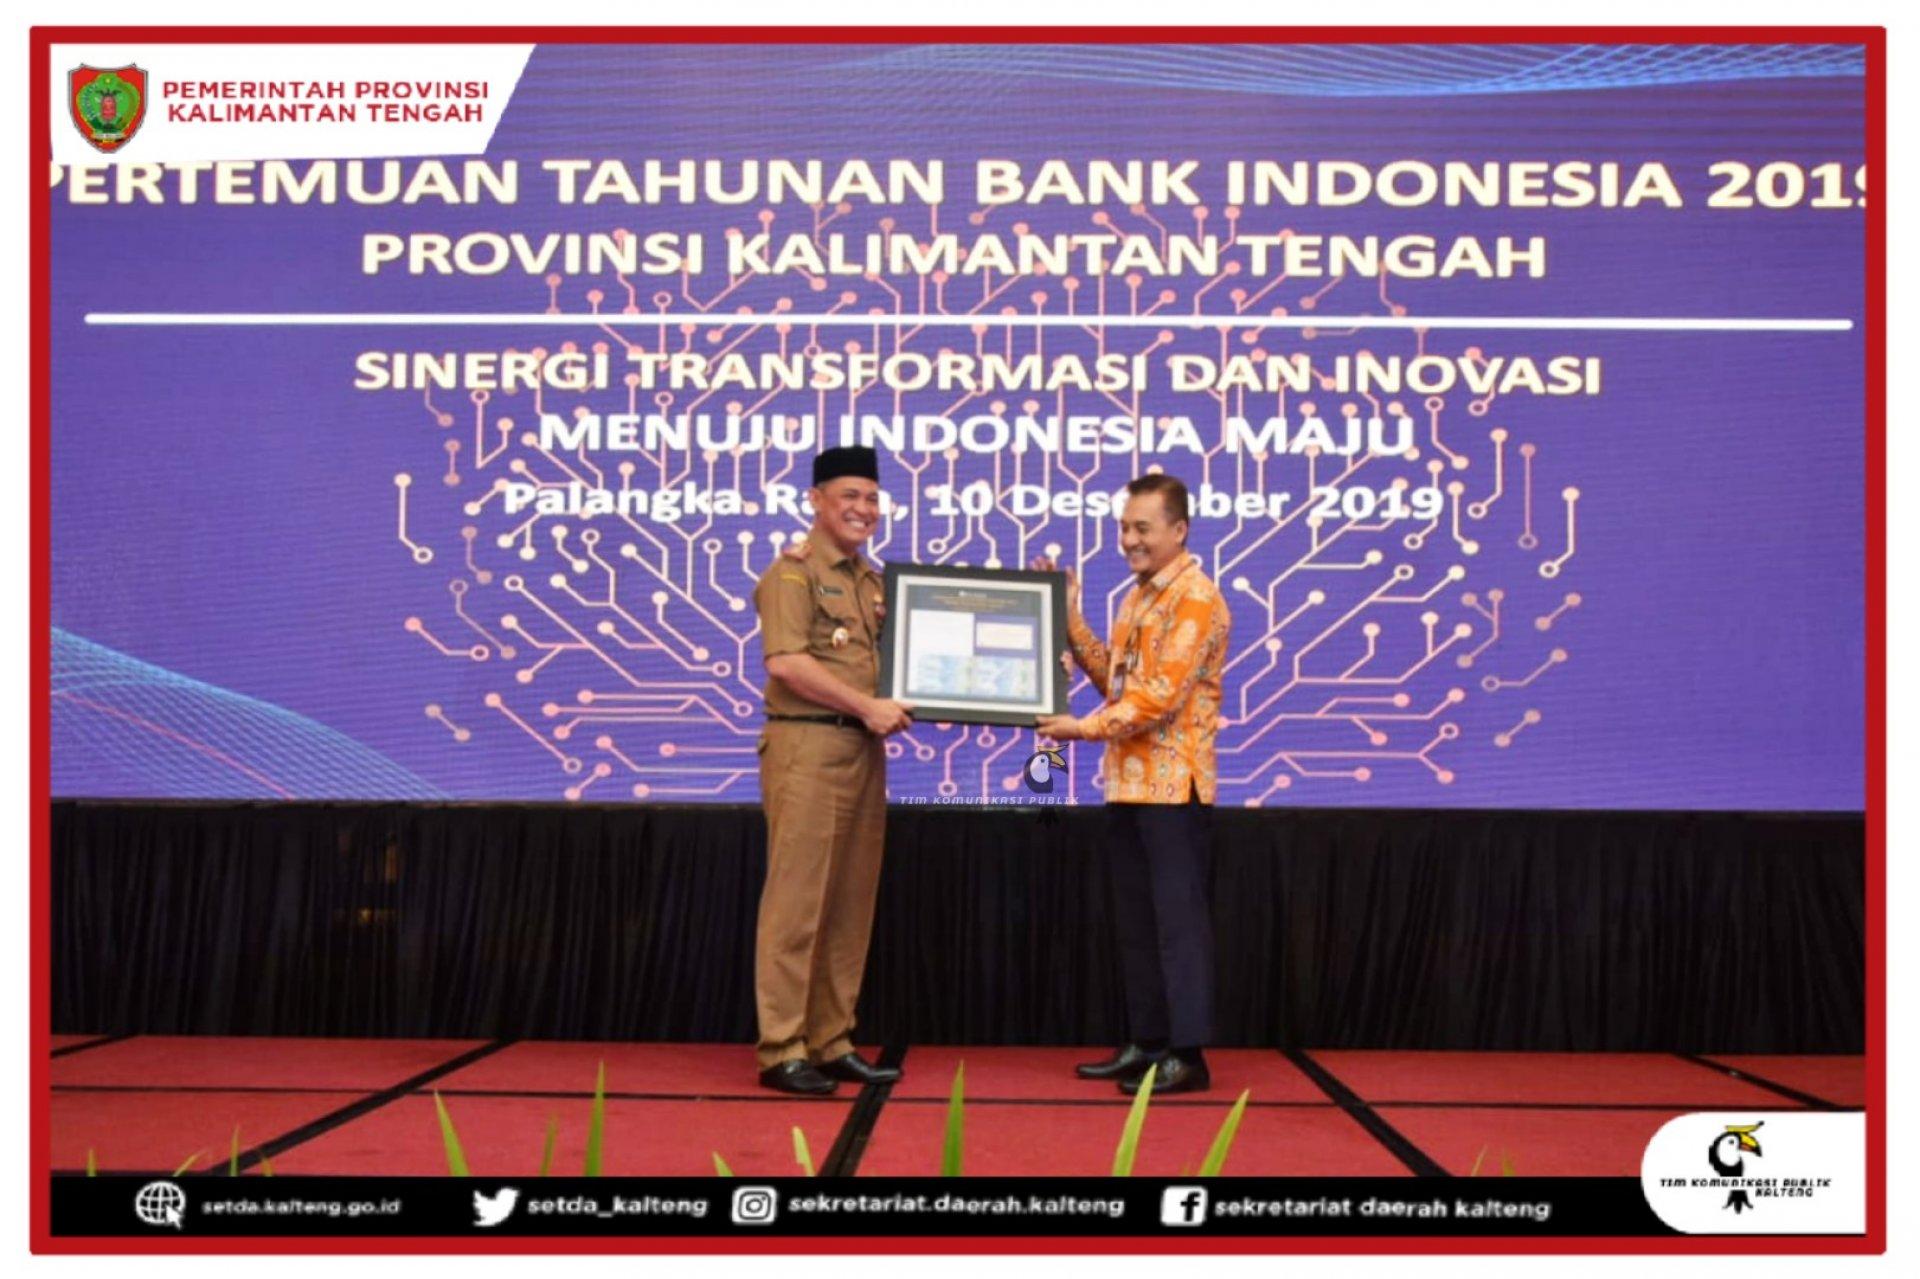 Pertemuan Tahunan Bank Indonesia Tahun 2019 Provinsi Kalimantan Tengah